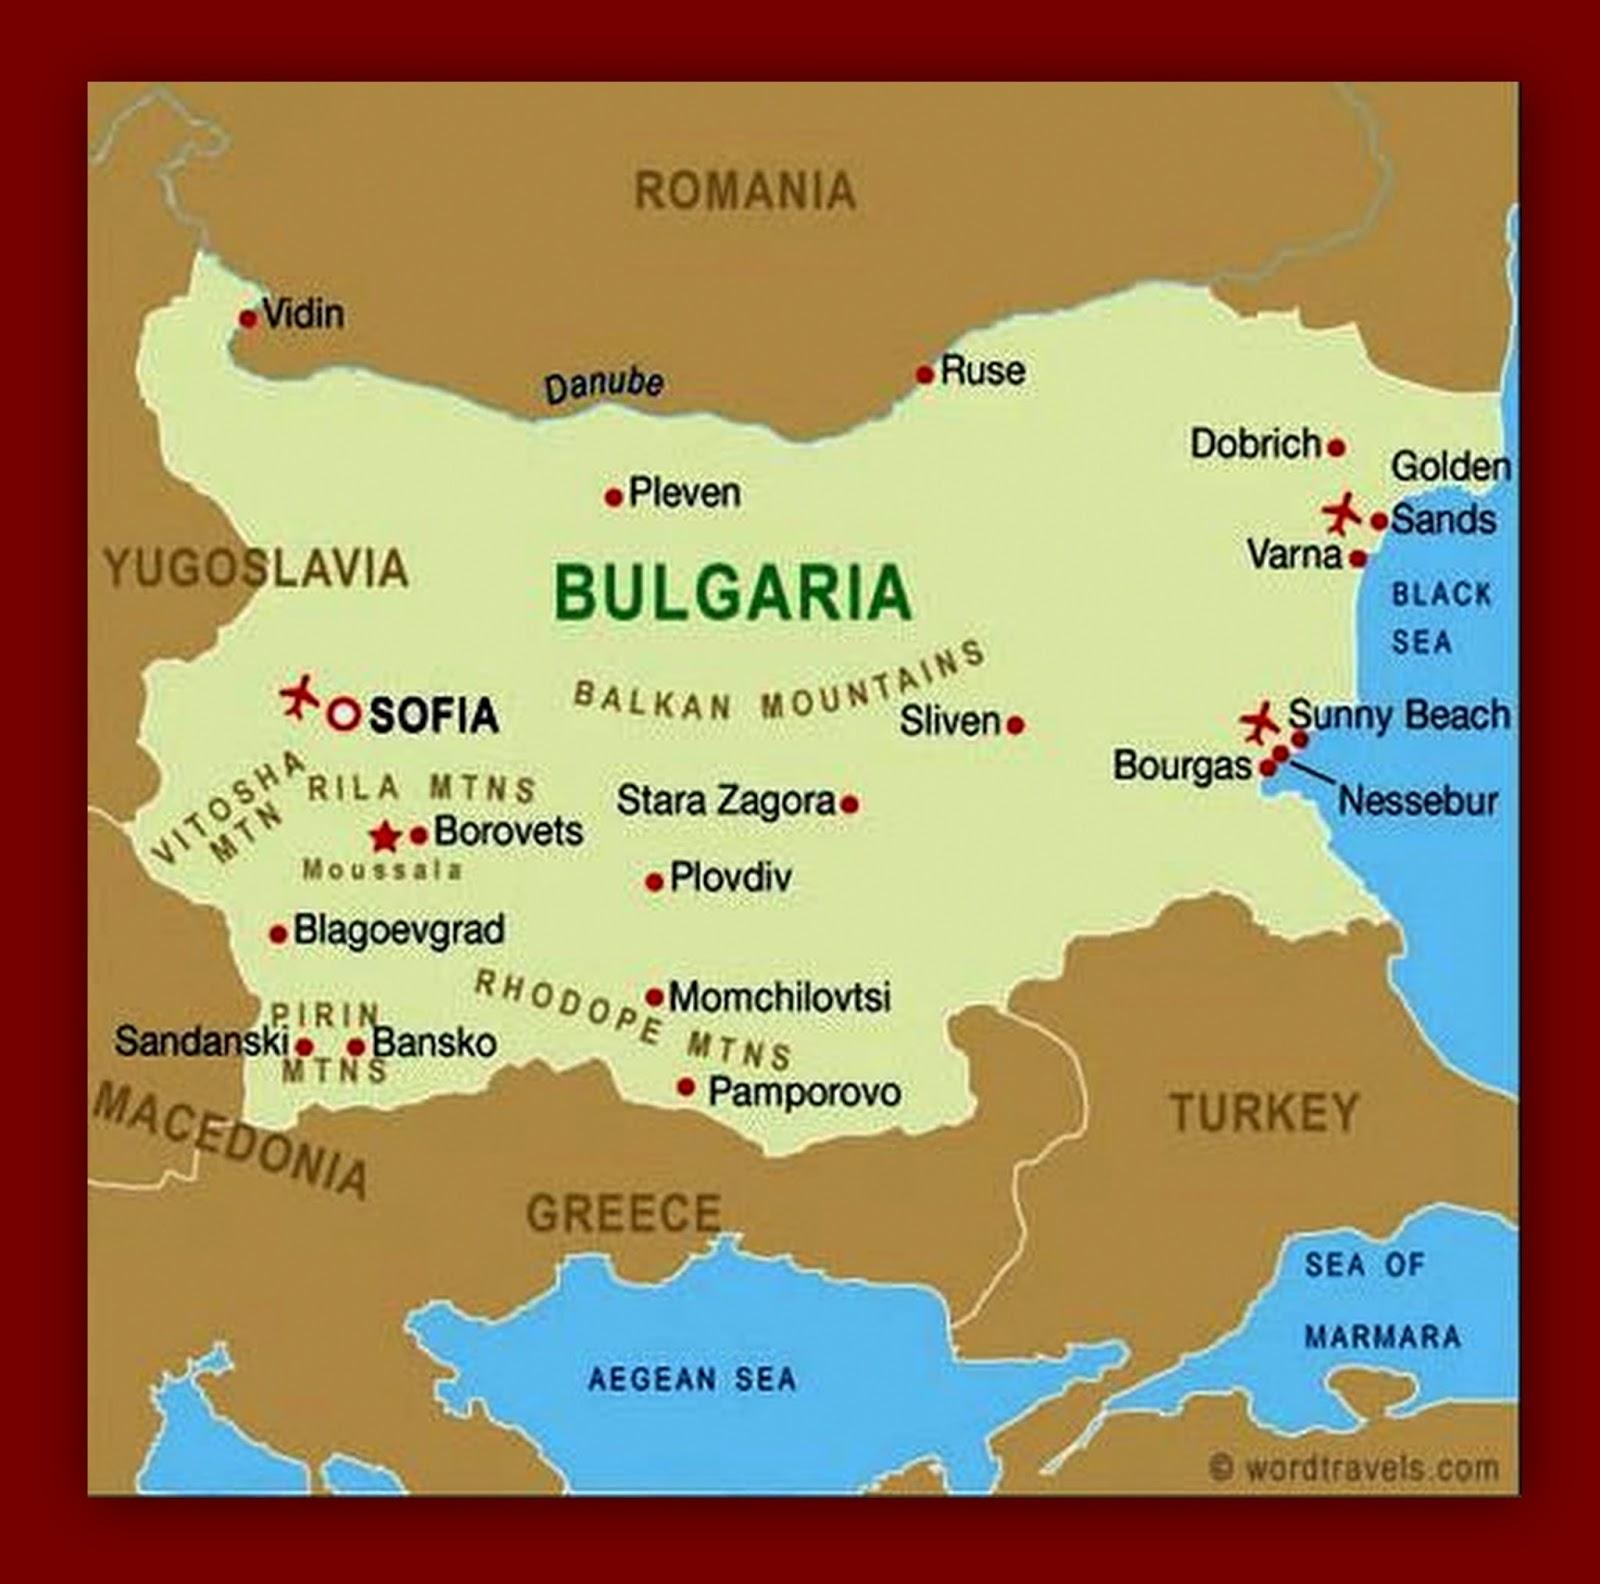 auto karta srbije i bugarske Kao na dlanu : Moj vodič kroz Sofiju (I deo) auto karta srbije i bugarske